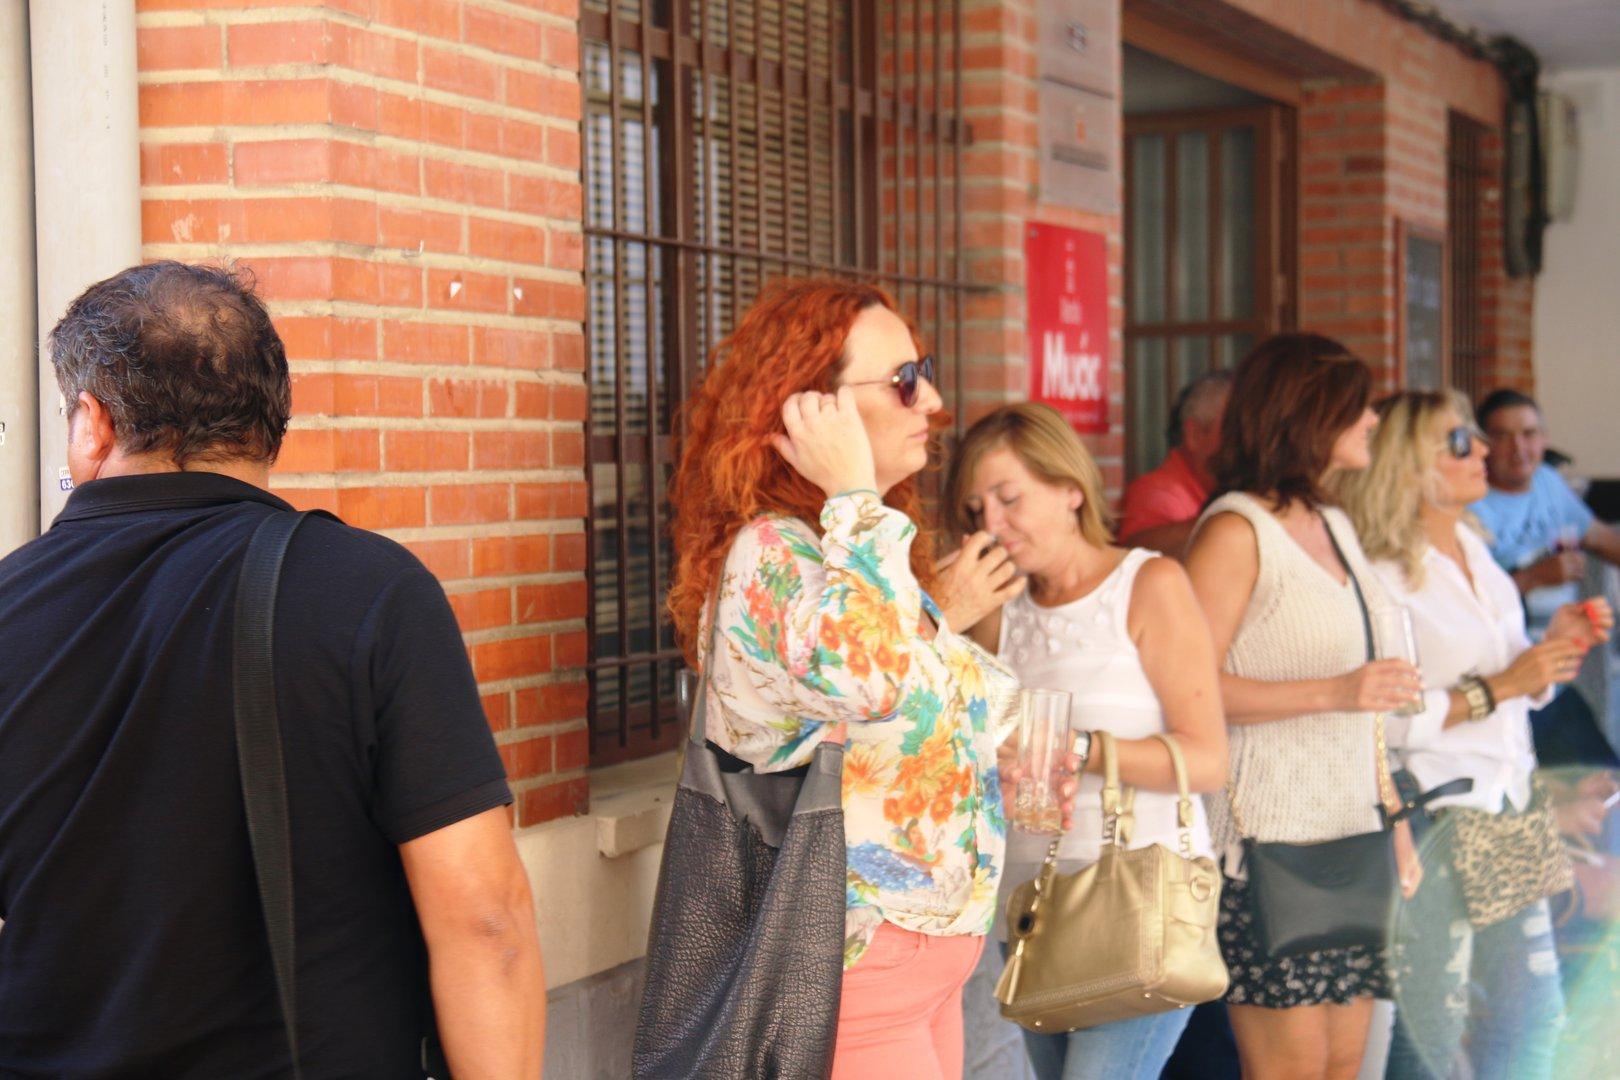 Bienvenida al Otoño en Plaza de Abastos cabezo de torres con Conecta2